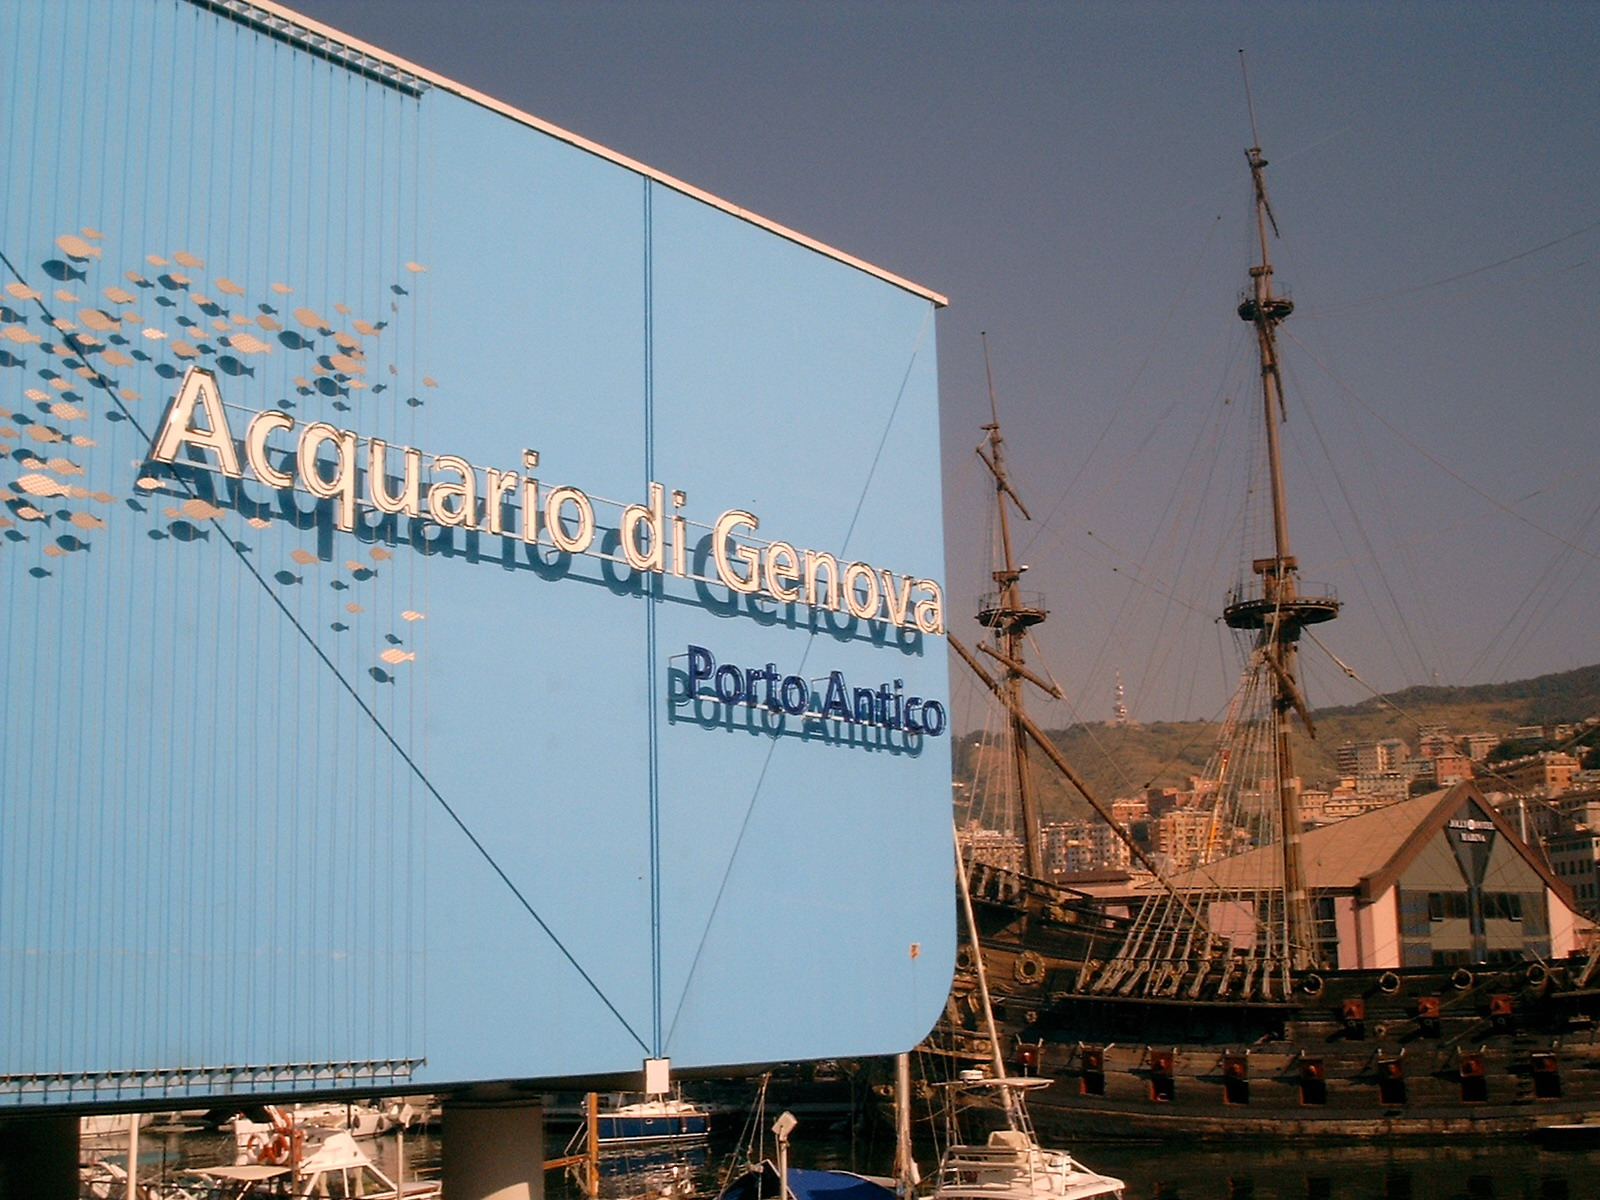 acquario di genova, oltre 2 milioni di debito con porto antico spa